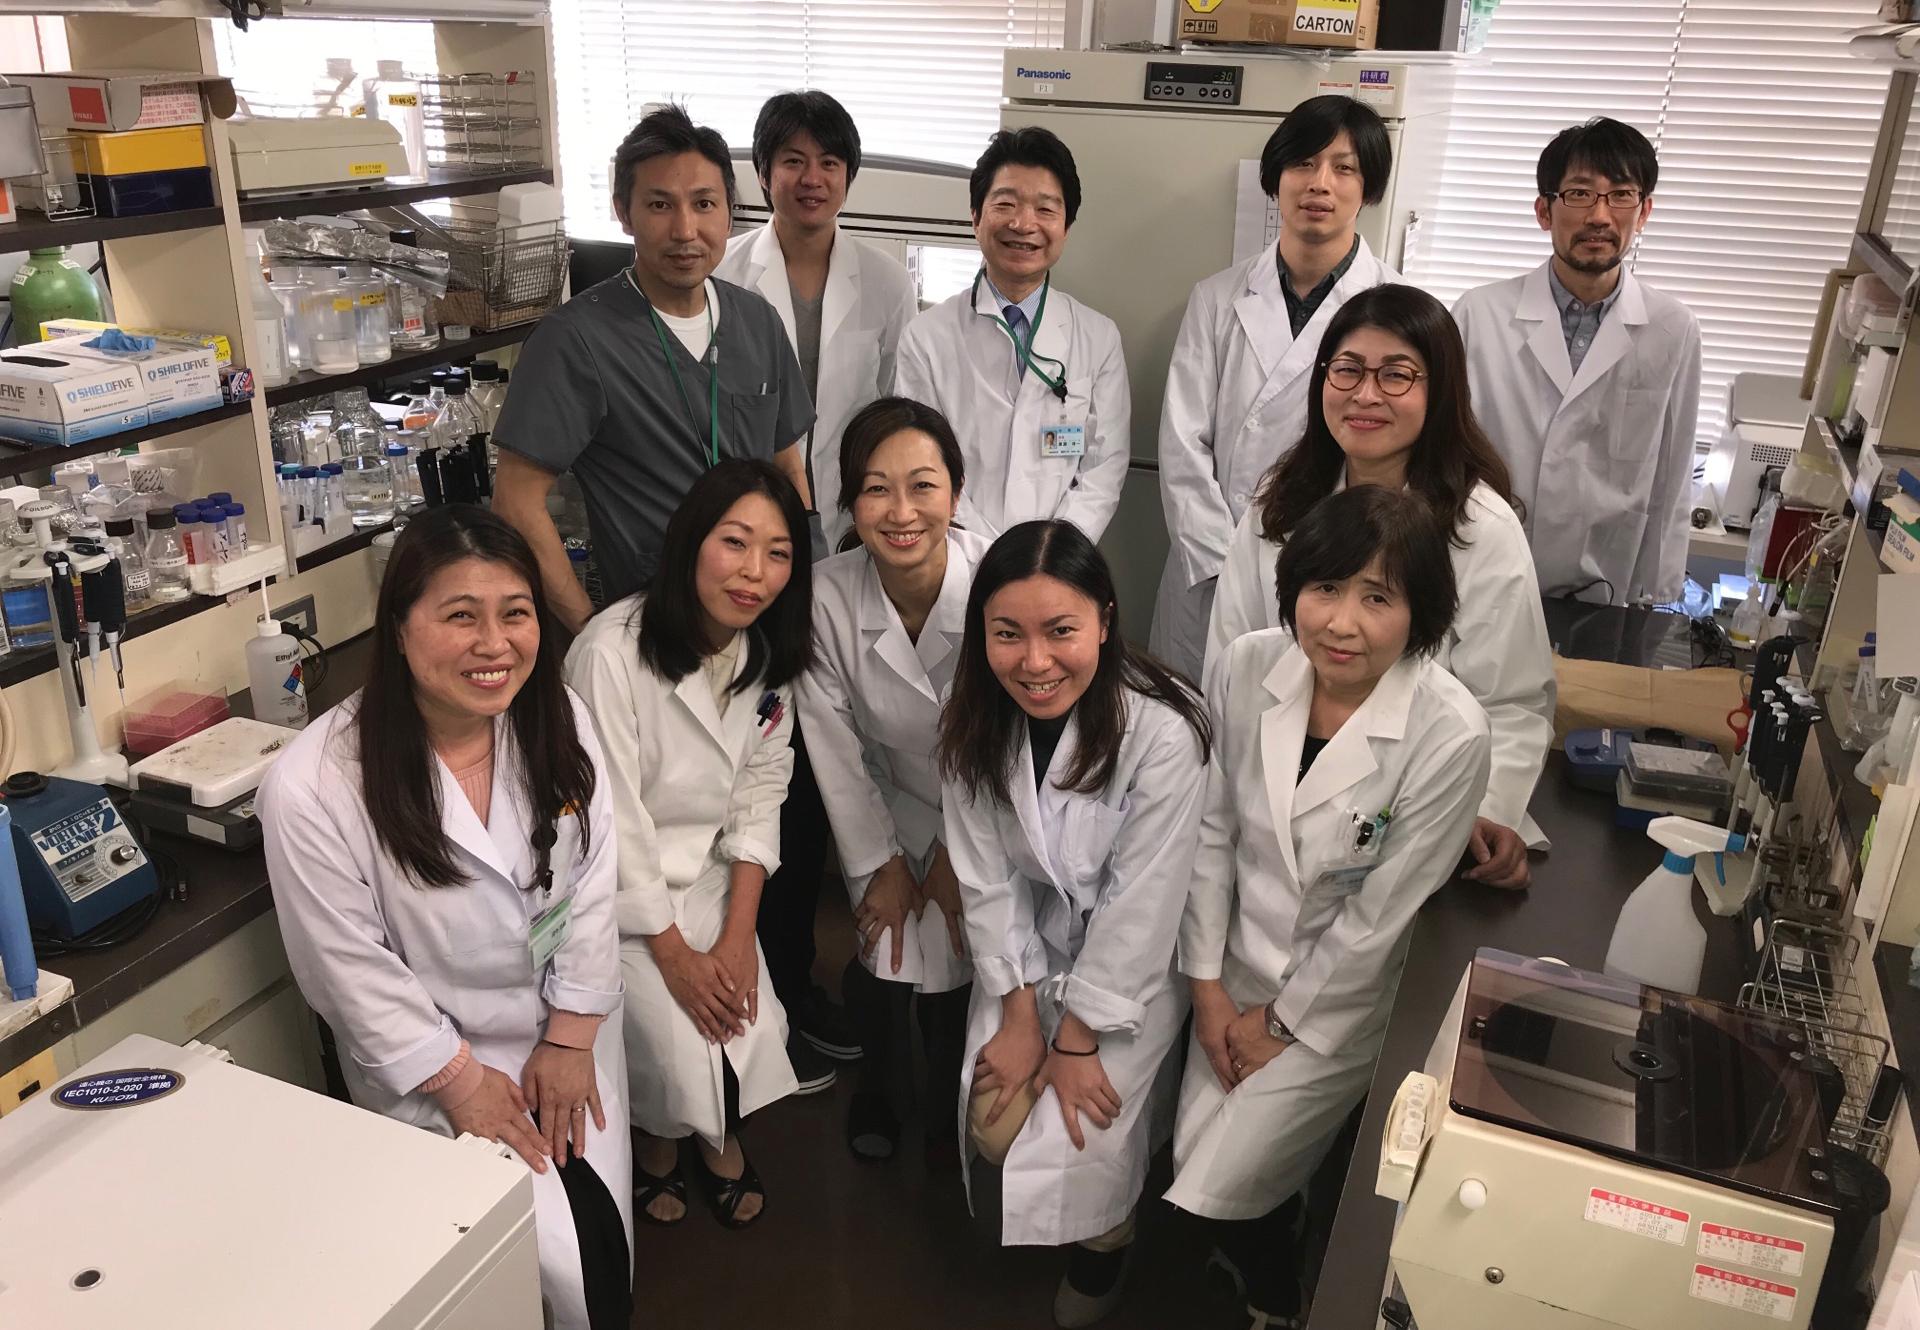 福岡大学てんかん分子病態研究所 研究チーム